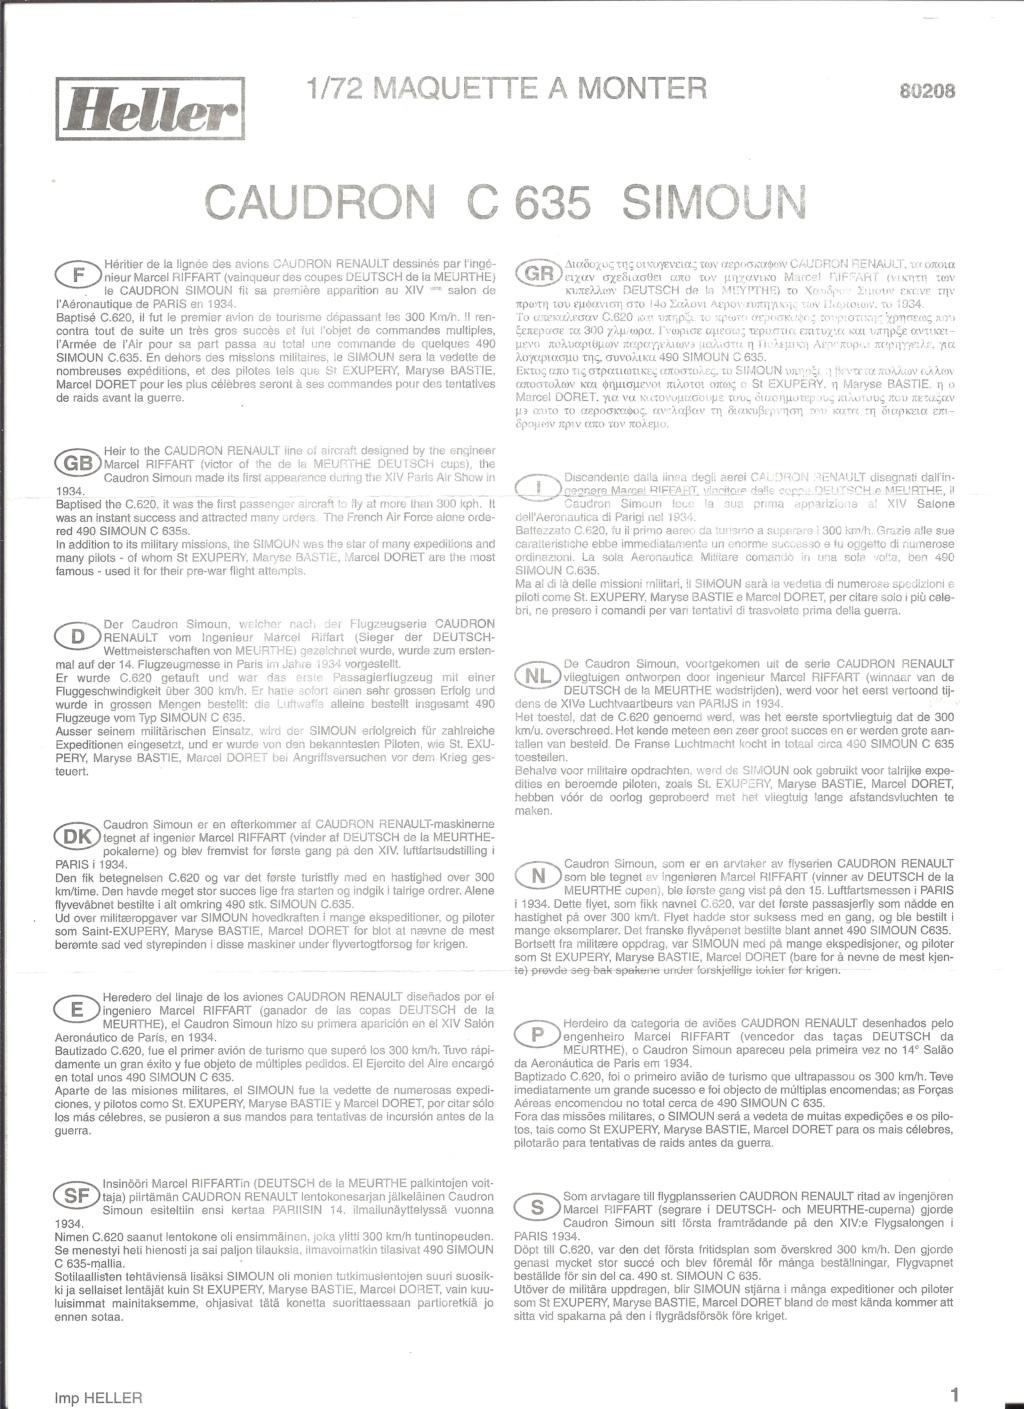 CAUDRON RENAULT C 635 SIMOUN 1/72ème Réf 80208 Helle622